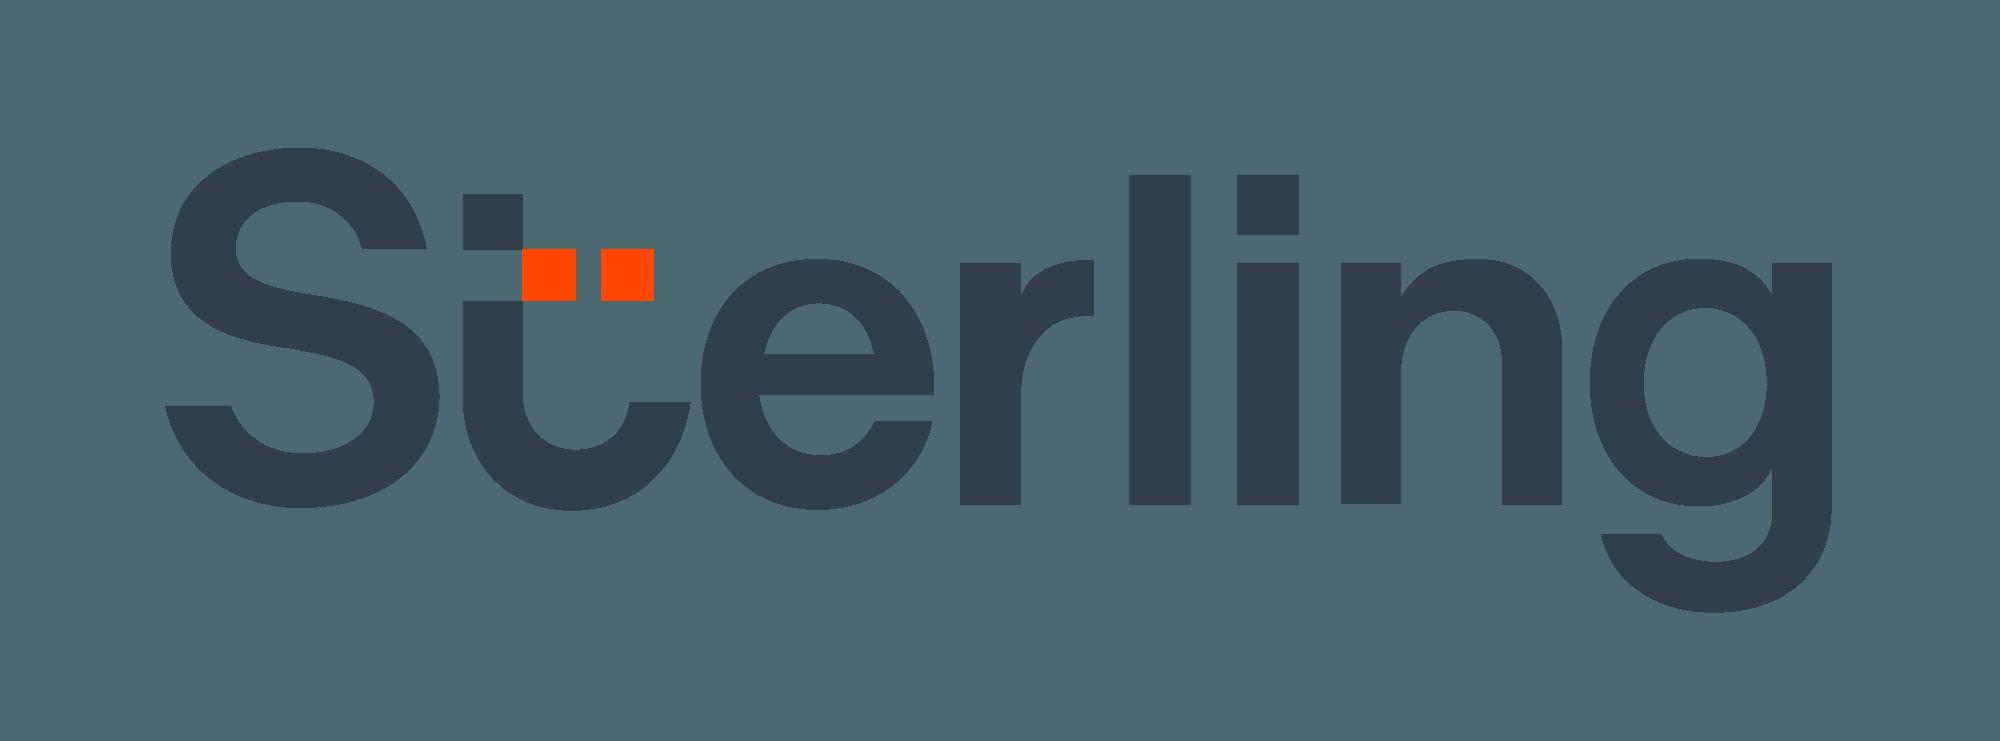 sterling-rgb-2000x741